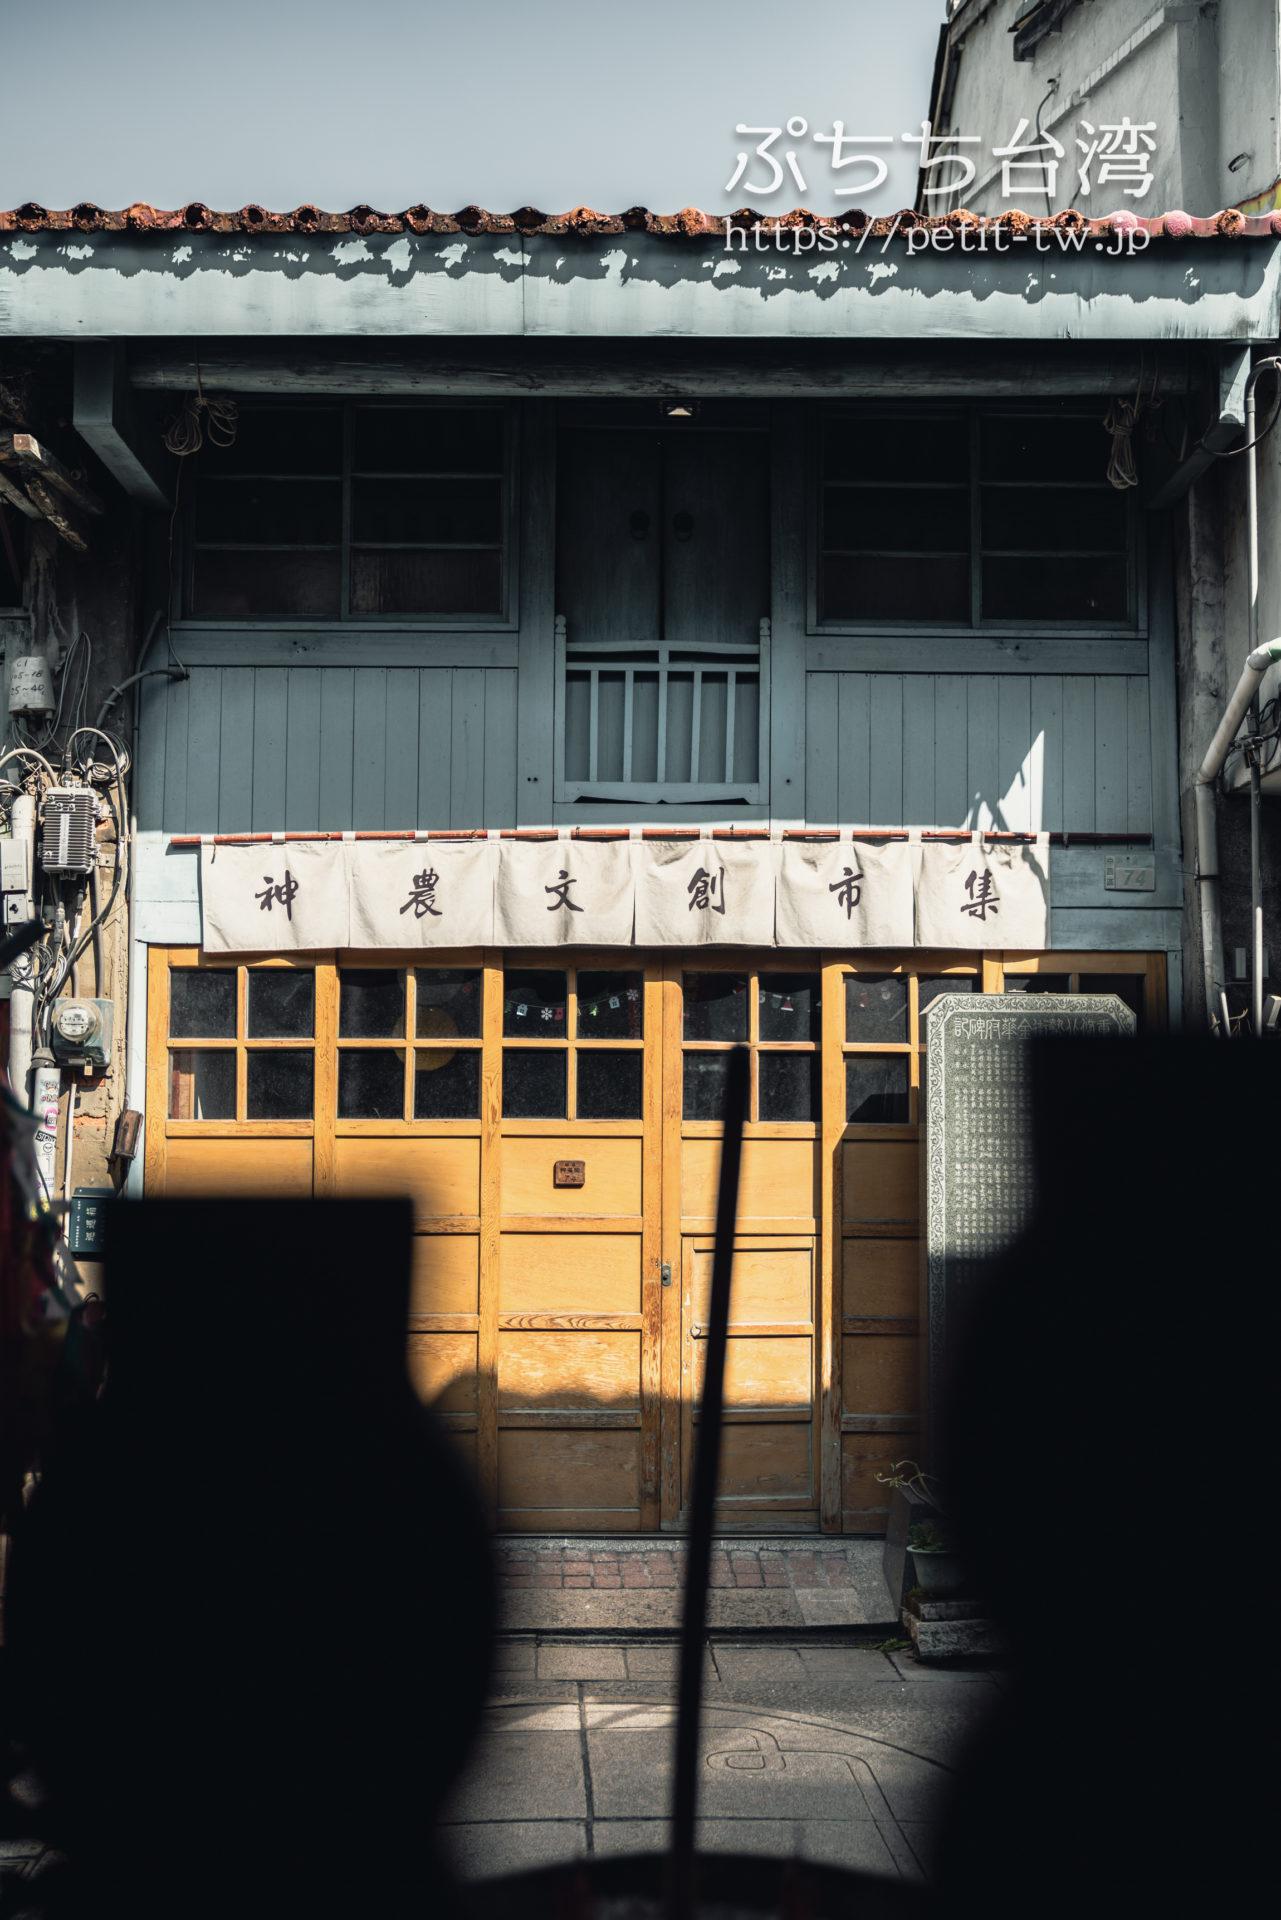 台南の神農街 雑貨店の外観